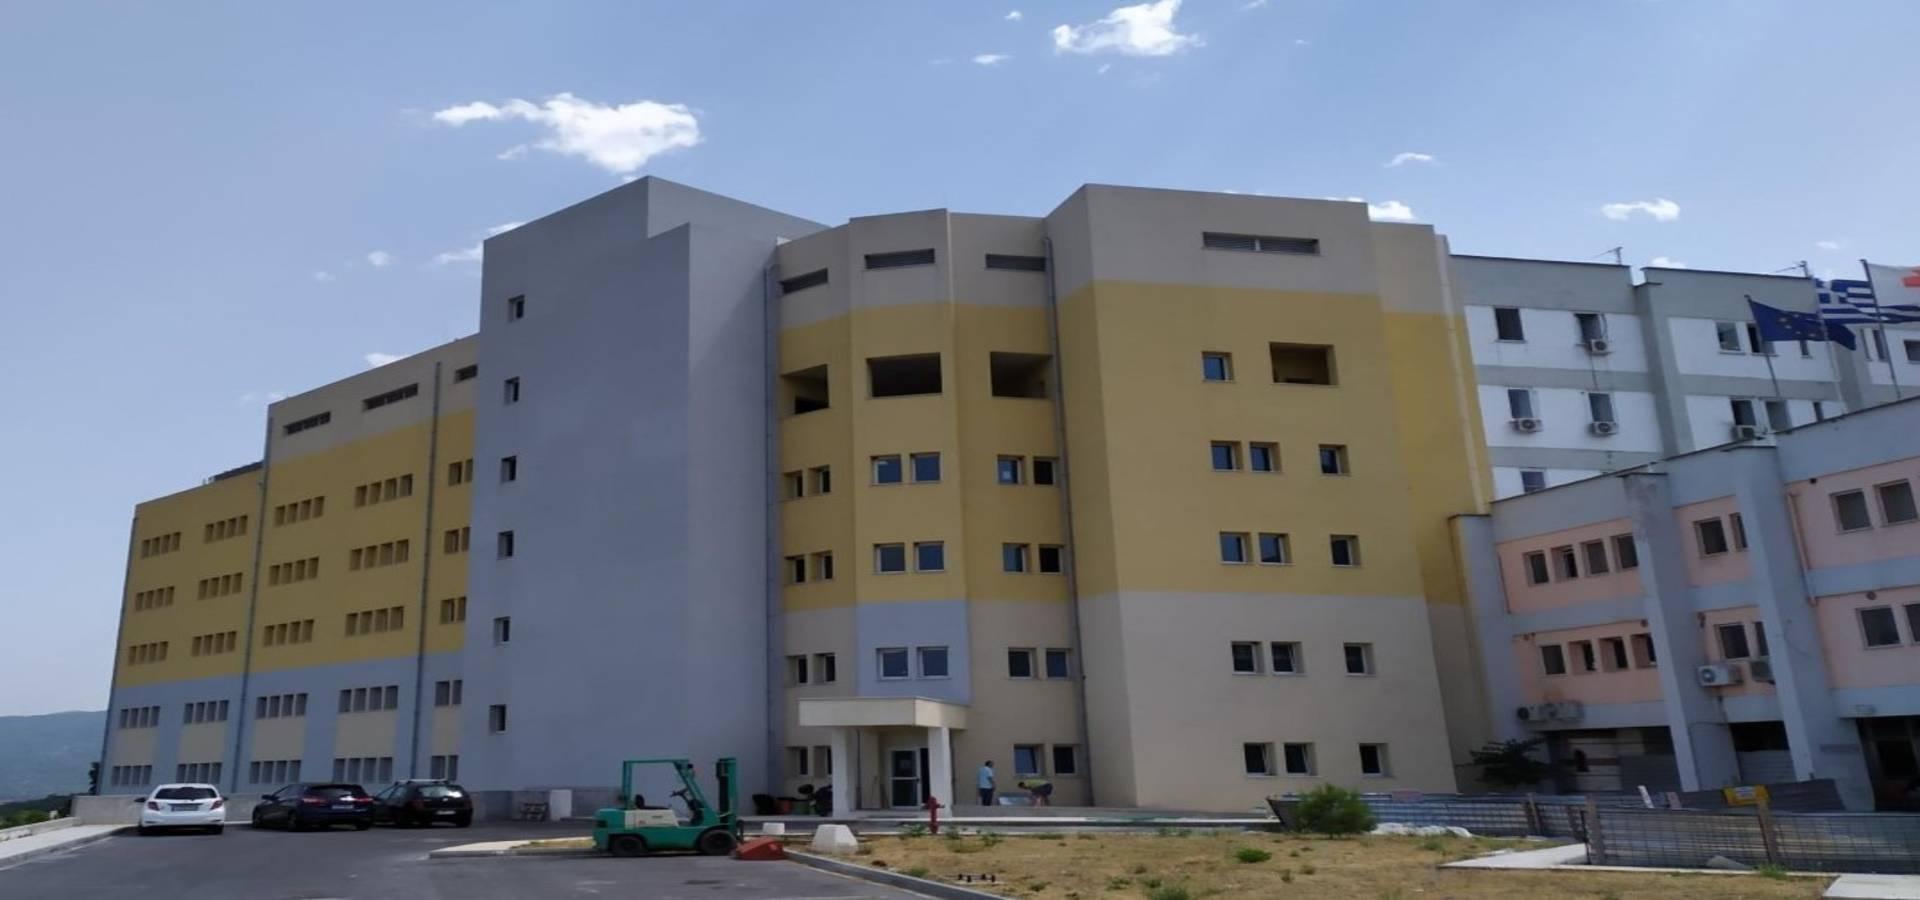 Γενικό Νοσοκομείο Βέροιας